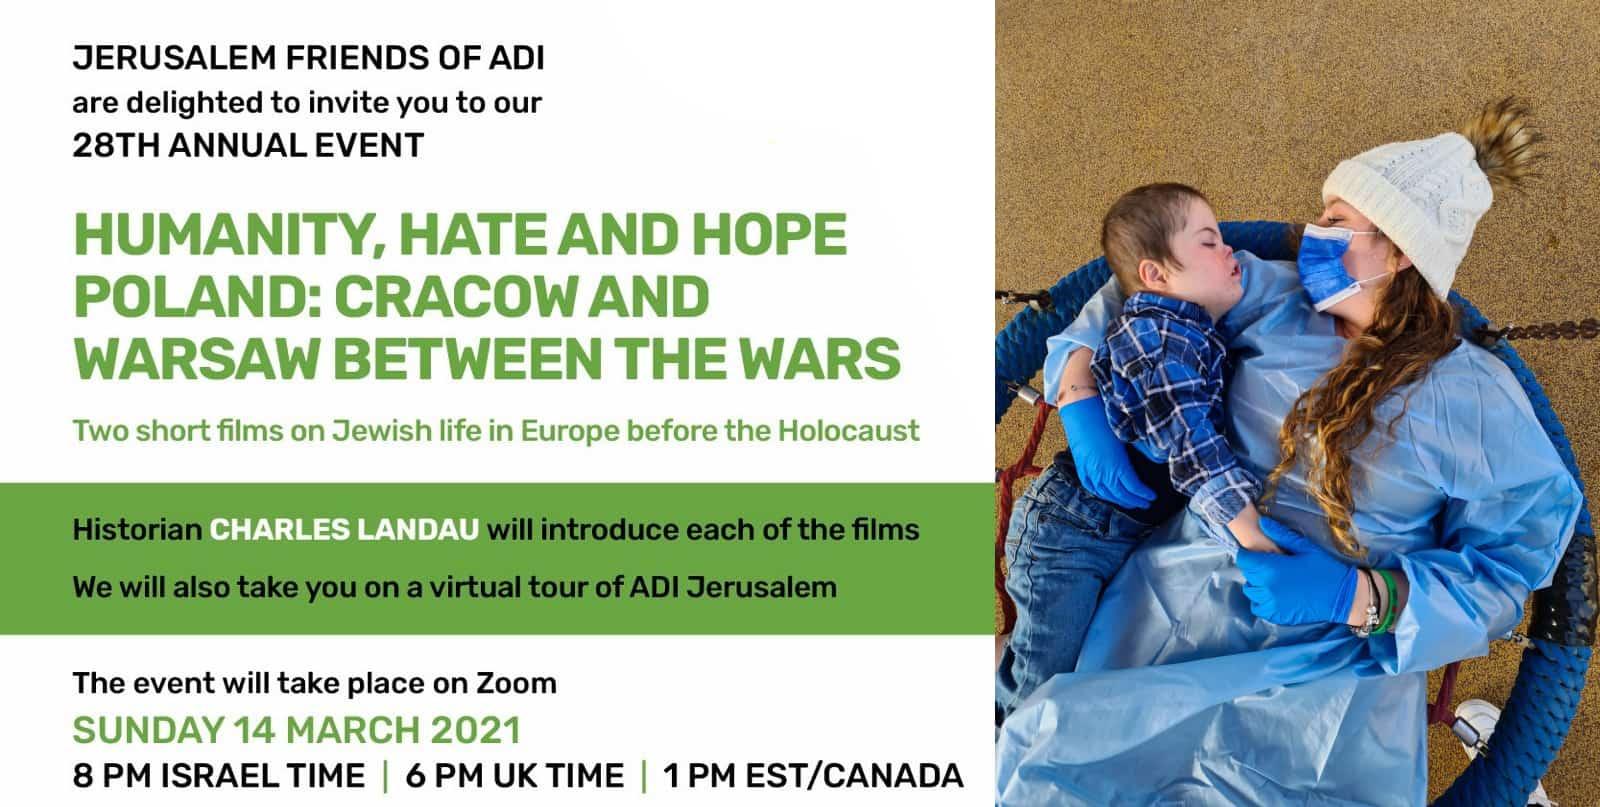 Jerusalem Friends of ADI 28th Annual Event